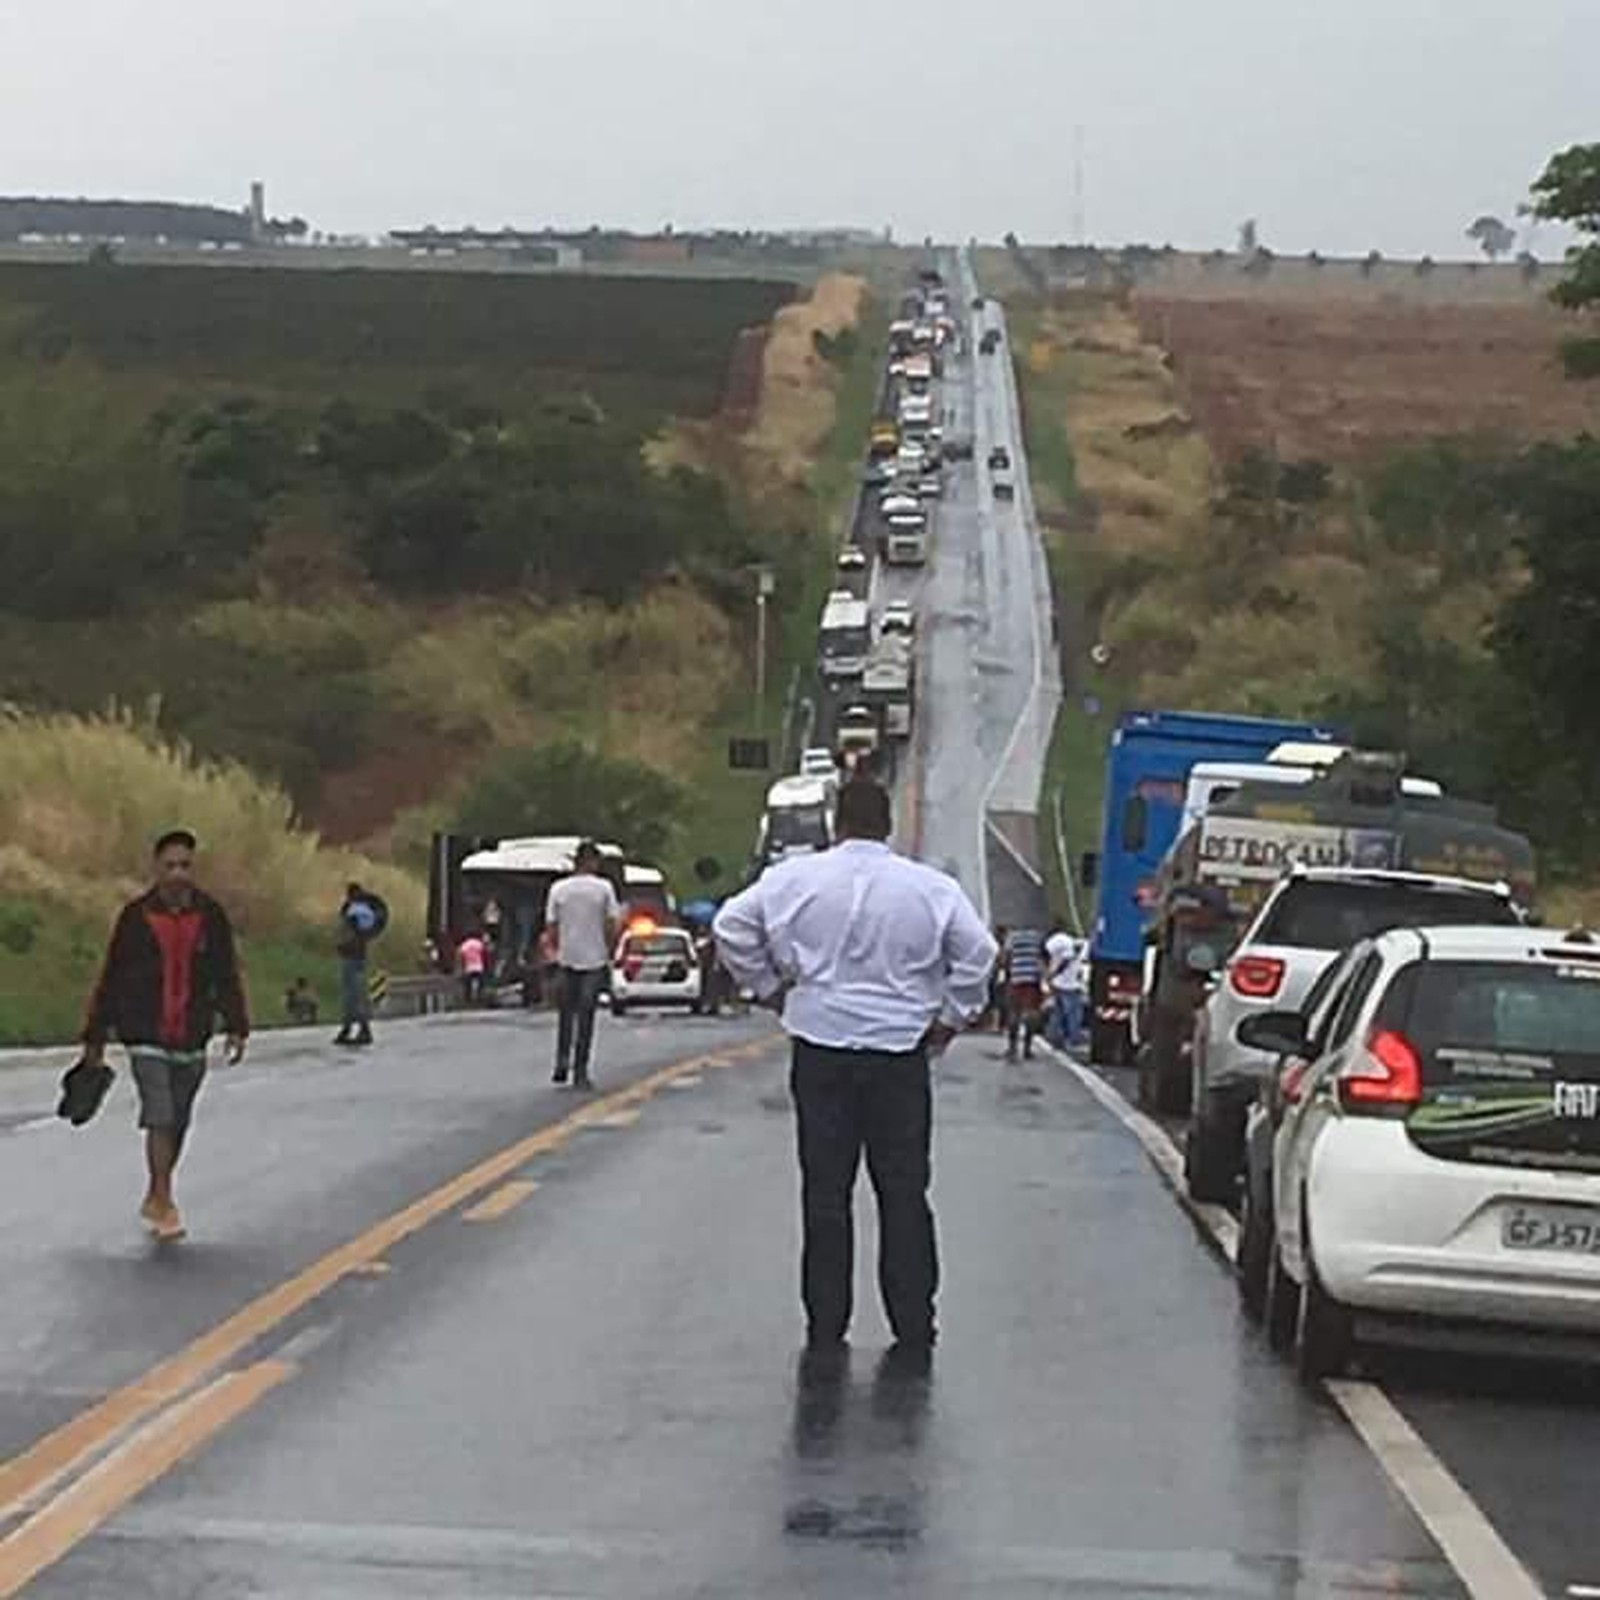 Trânsito ficou interditado no trecho entre Jaú e Bocaina e foi liberado no início da noite — Foto: Arquivo pessoal